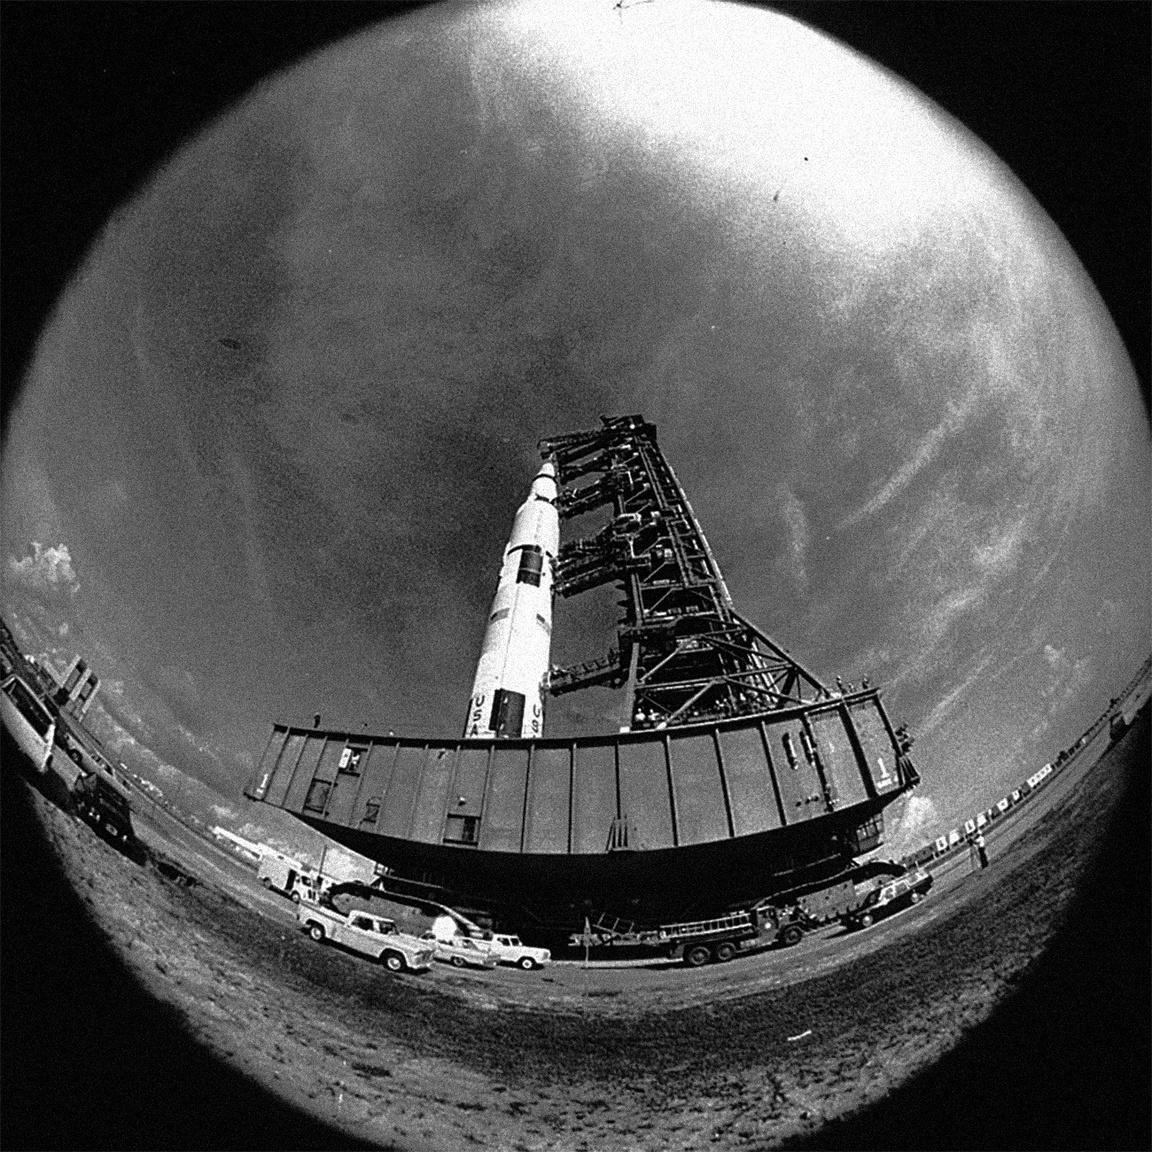 Egy nem túl gyakran látható halszemoptikával készült archív fotó, amin az Apollo-11 űrhajót láthatjuk nagyjából a filmbéli perspektívából, miközben az LC-39A startállásra cammog a hatalmas lánctalpas szállítón.